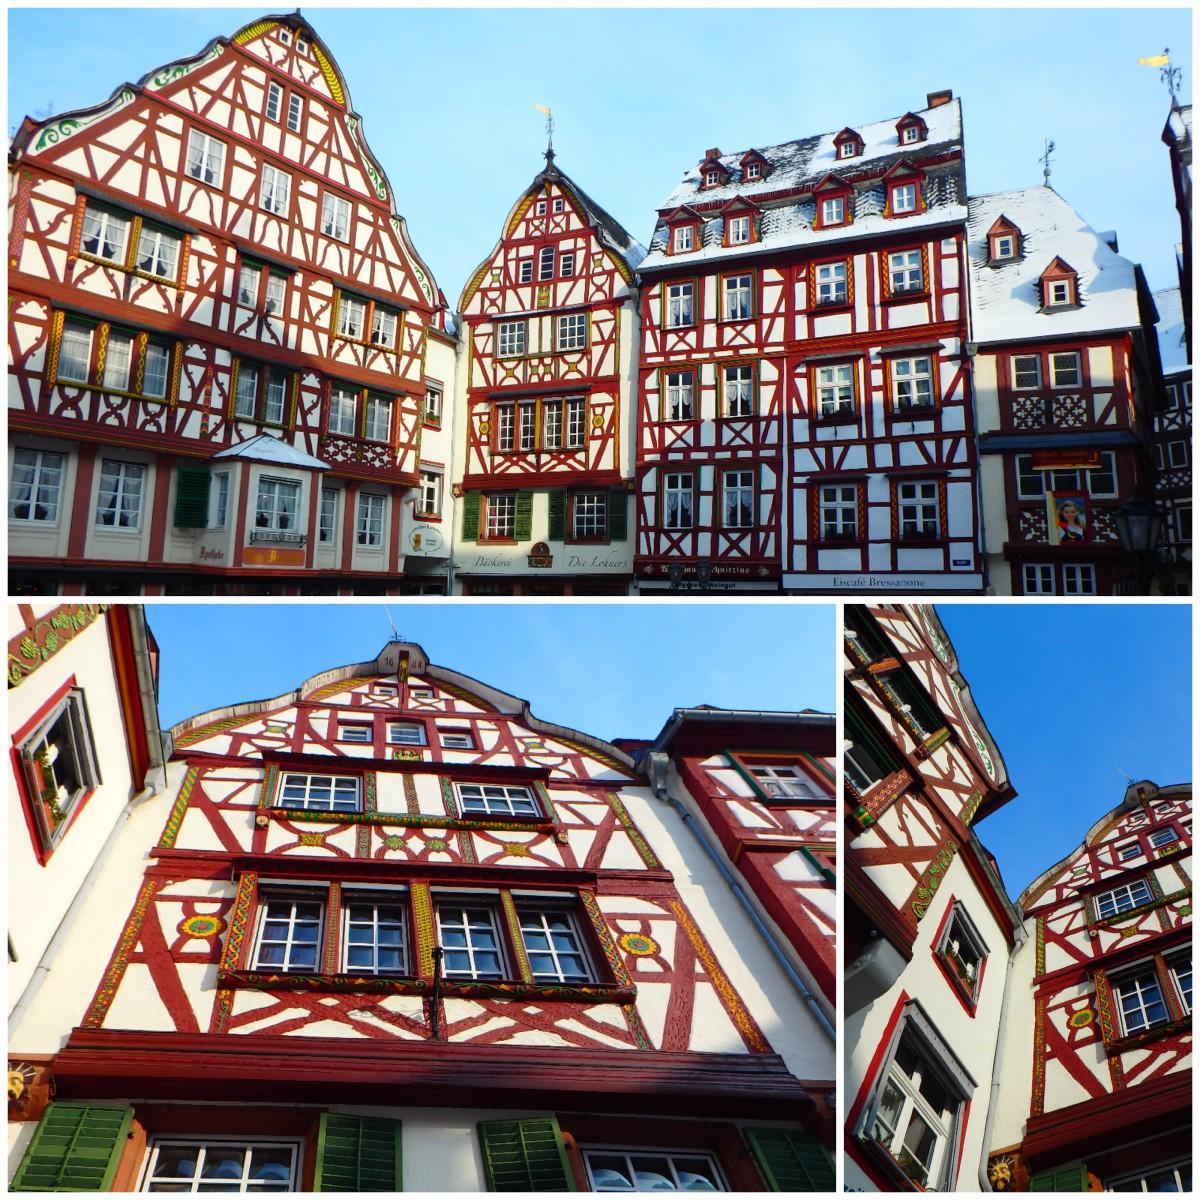 Esta cidade alemã parece saída de um conto dos Irmãos Grimm. Bem-vindos a Bernkastel